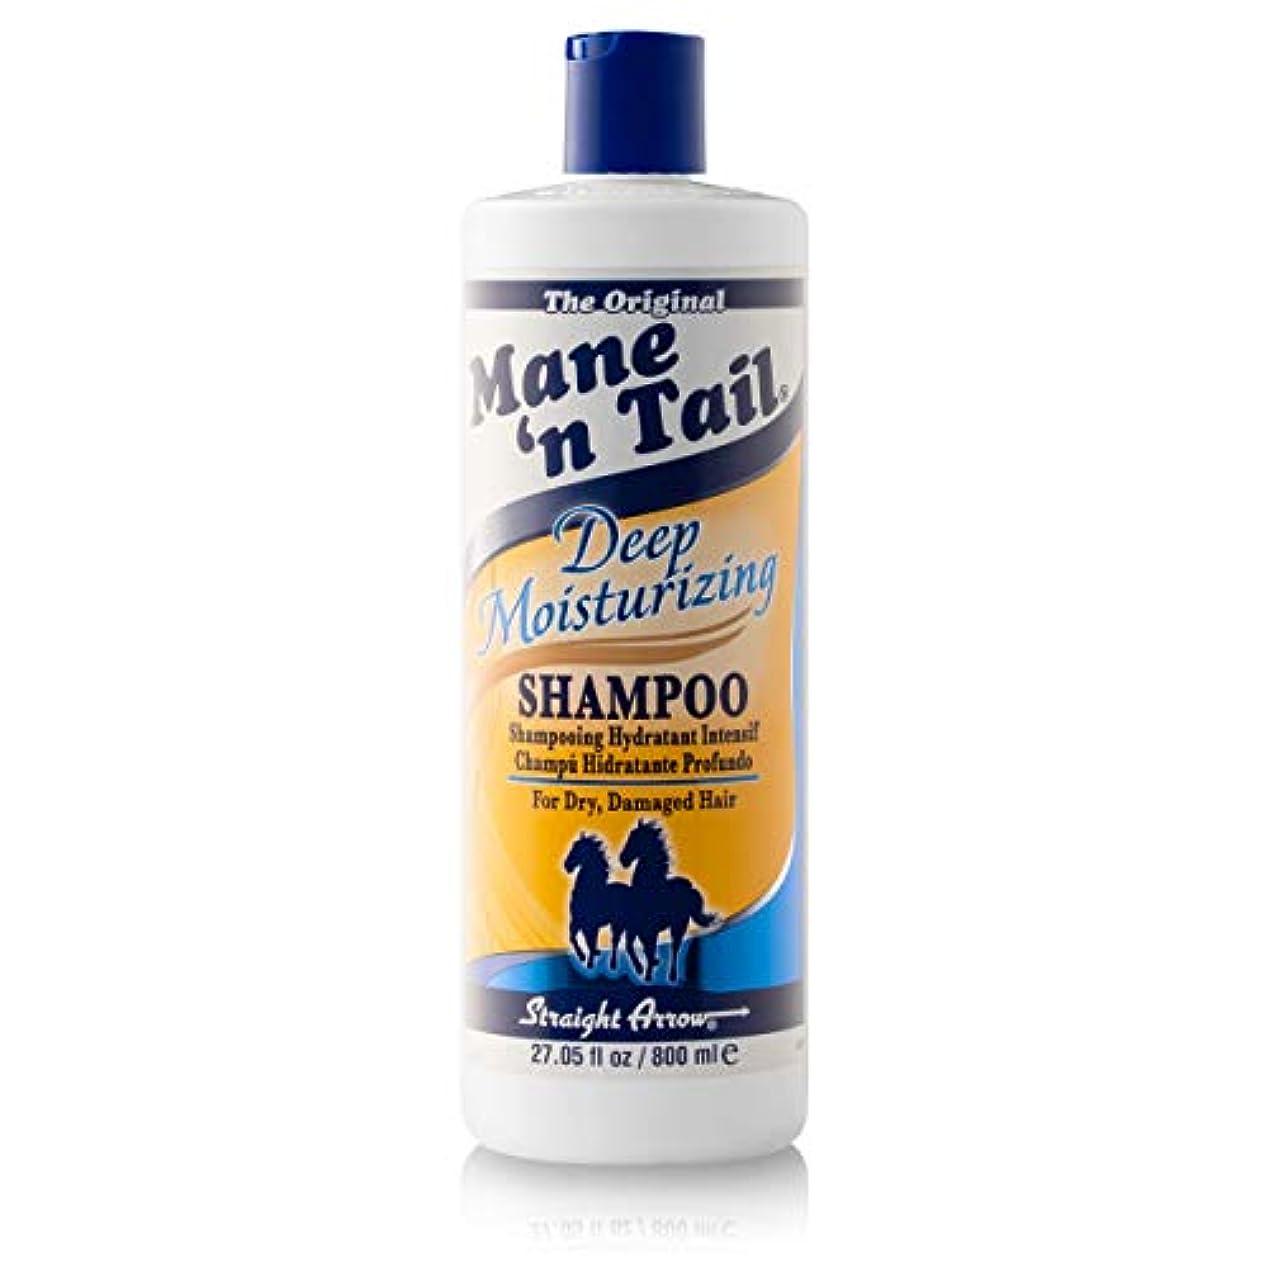 最後の姿勢オートメインテイル Mane 'n Tail Deep Moisturizing Shampoo 27.05 oz 800ml 並行輸入品